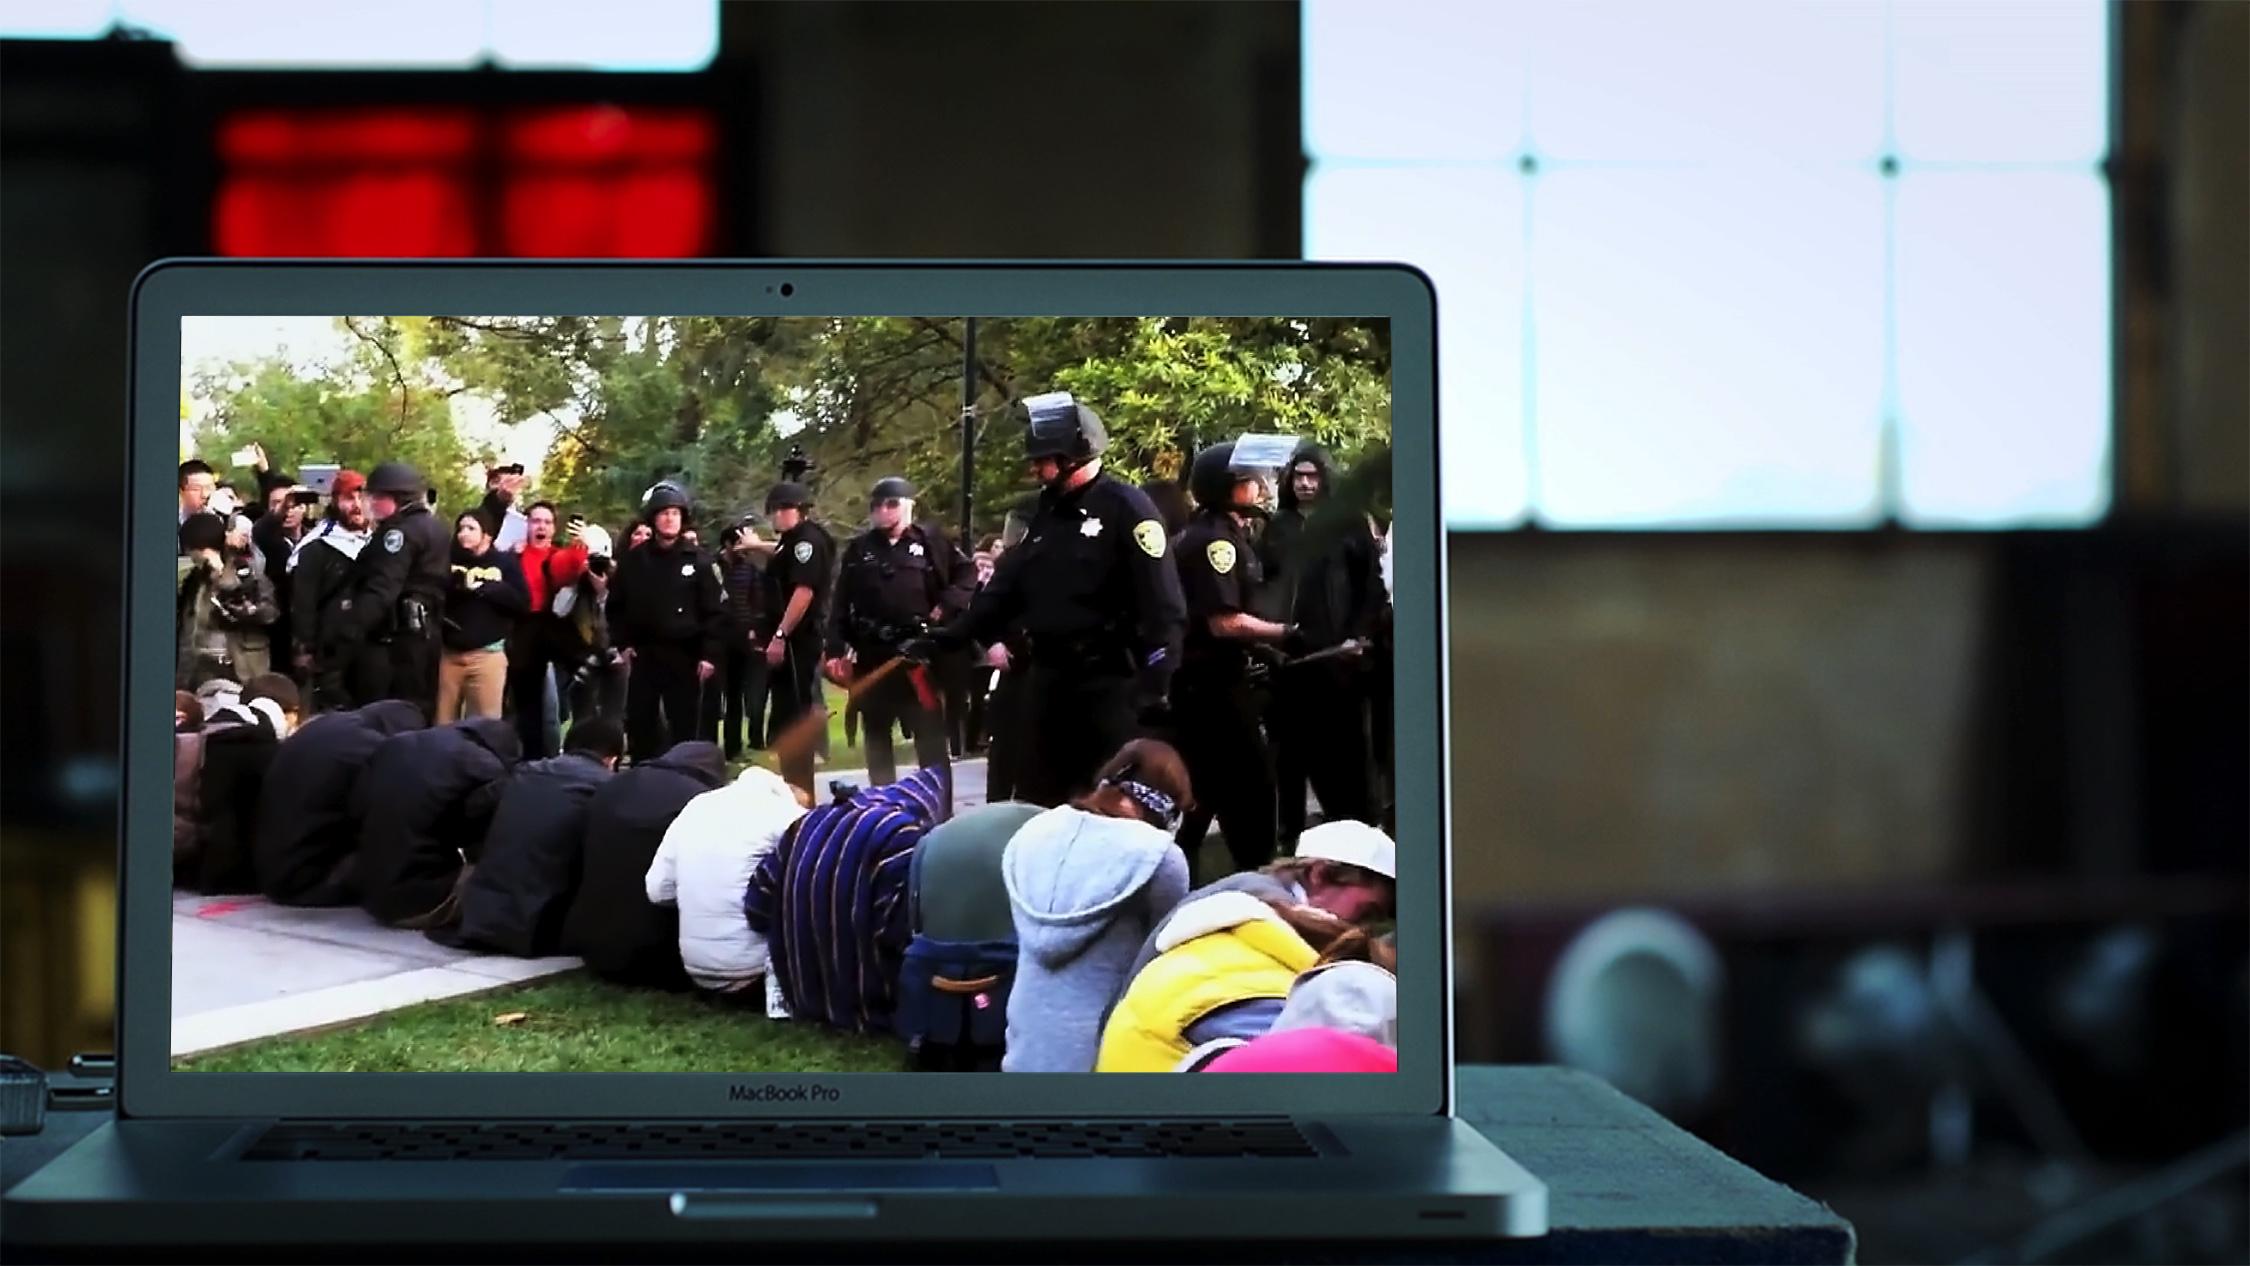 킬스위치: 인터넷 전쟁의 스틸사진